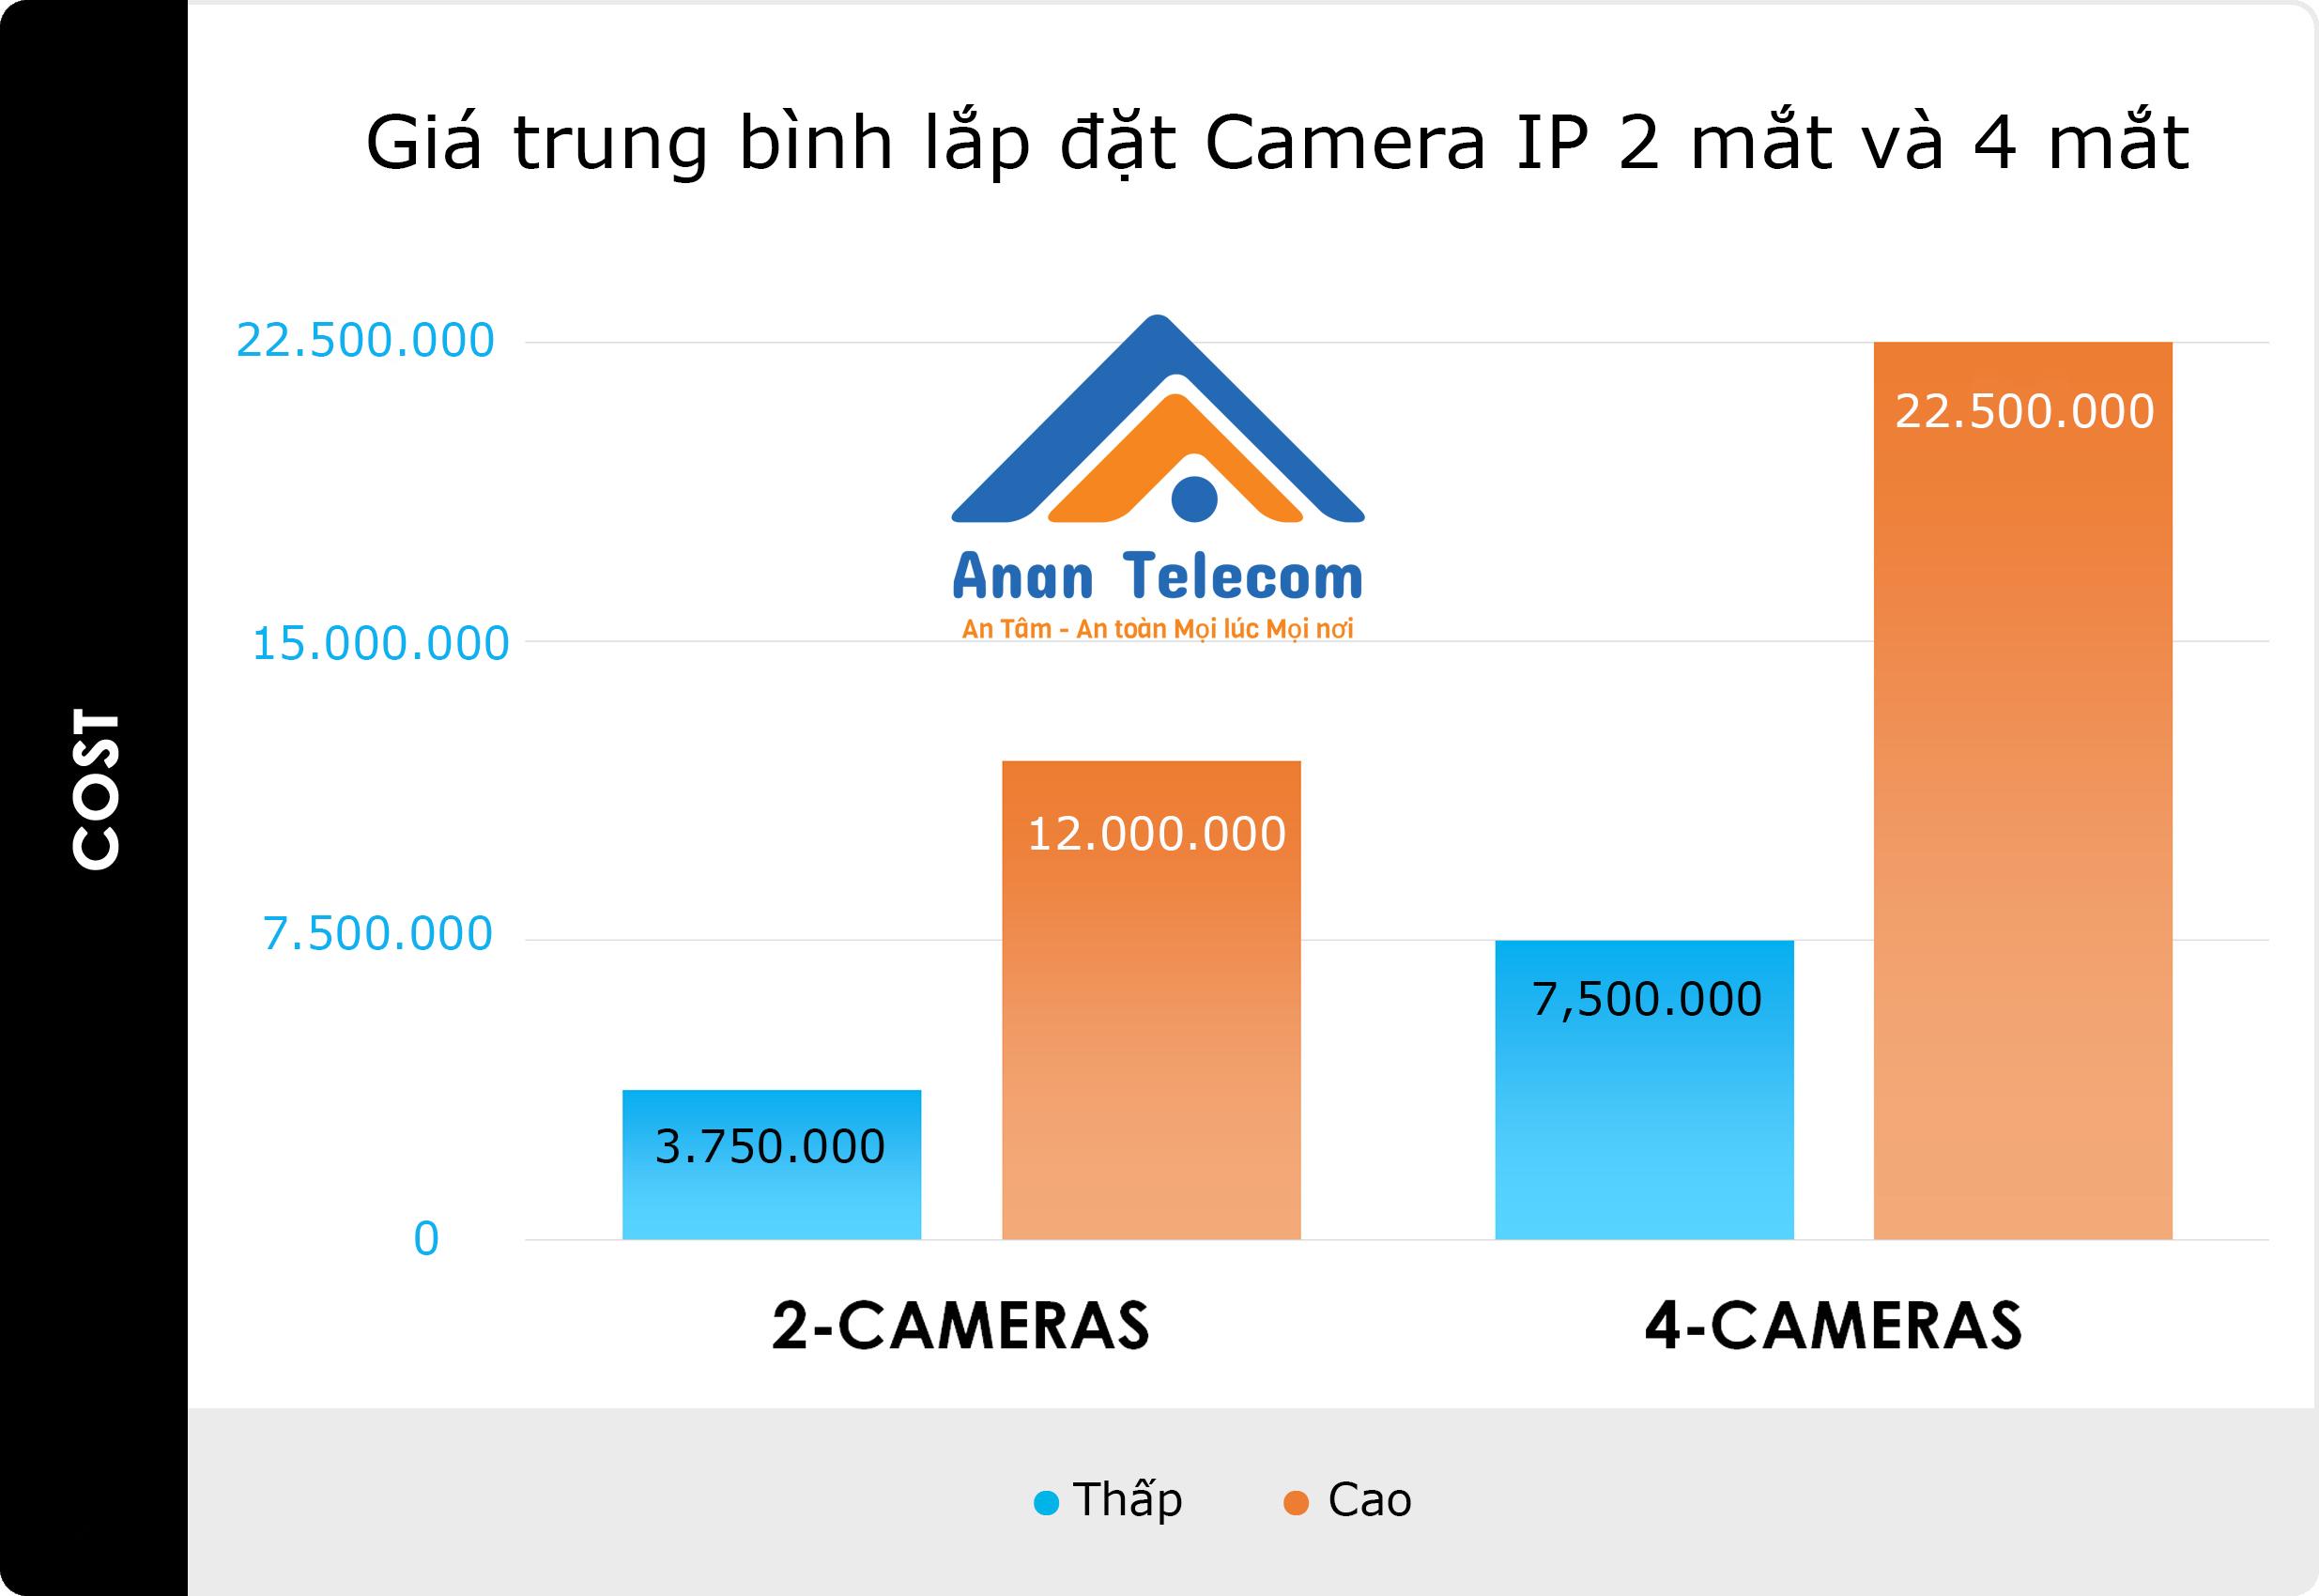 Giá trung bình khi lắp đặt camera IP từ 2 đến 4 mắt nhìn